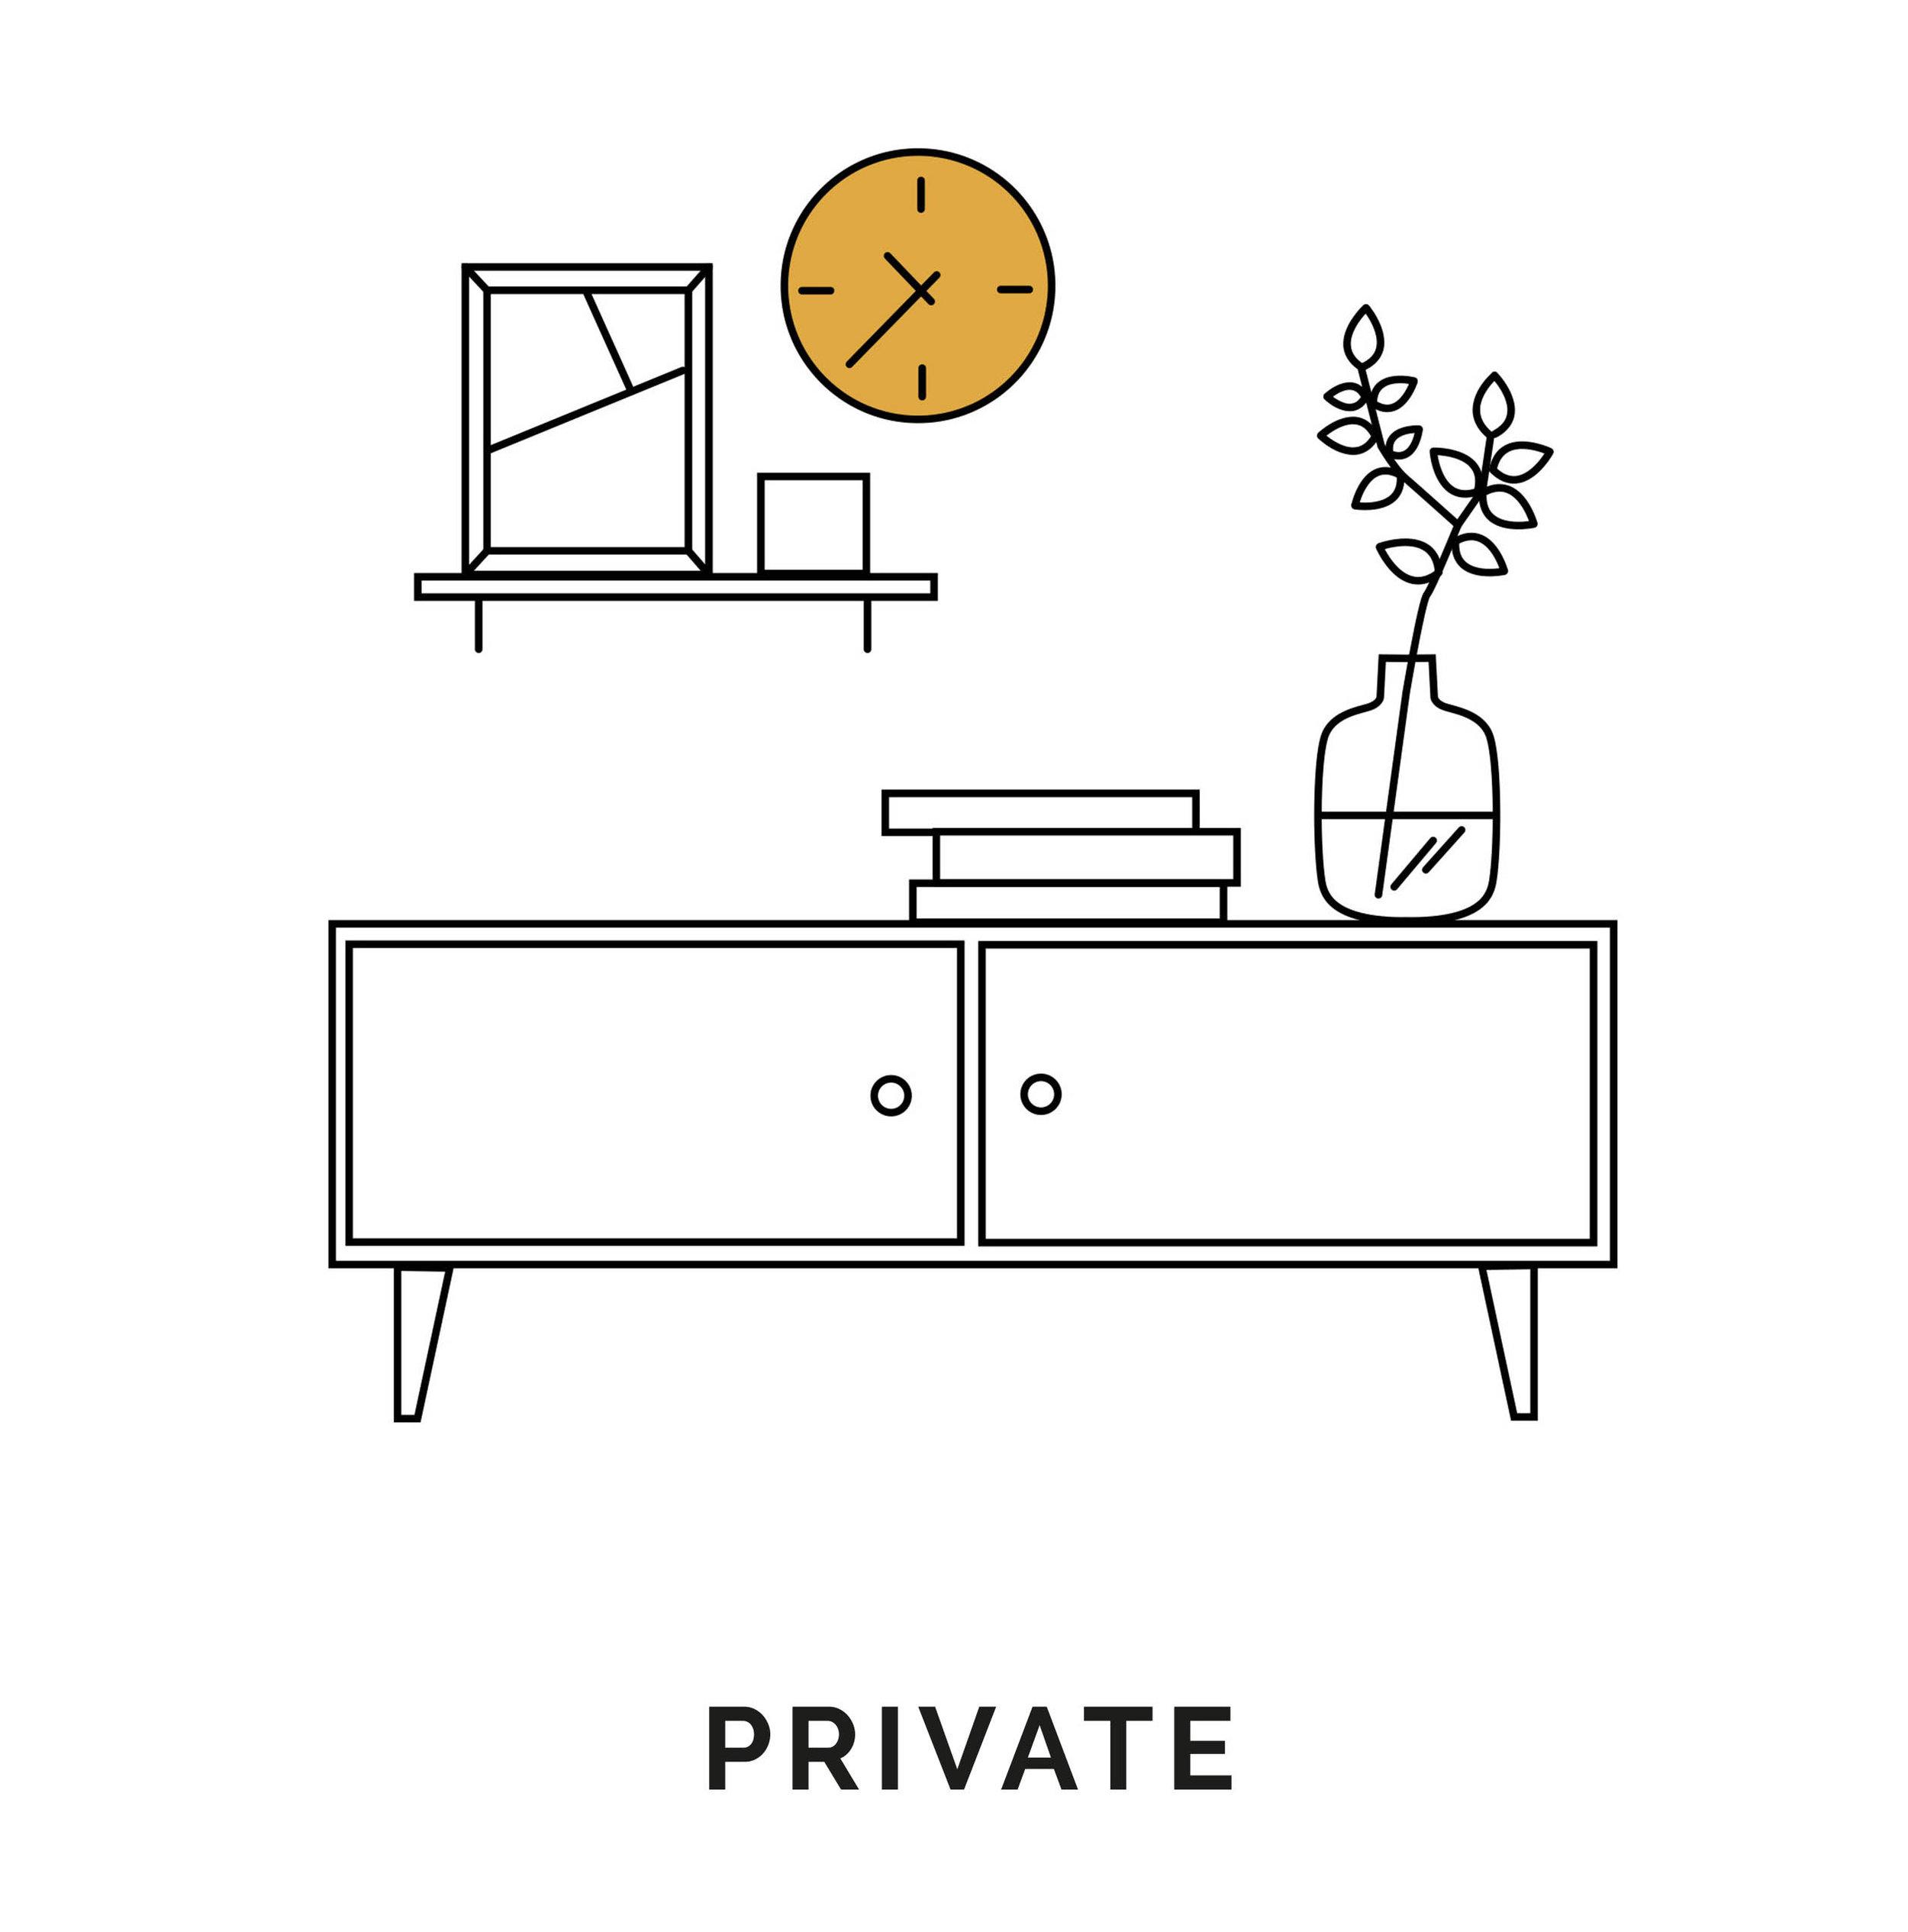 poke_studio_service_private.jpg